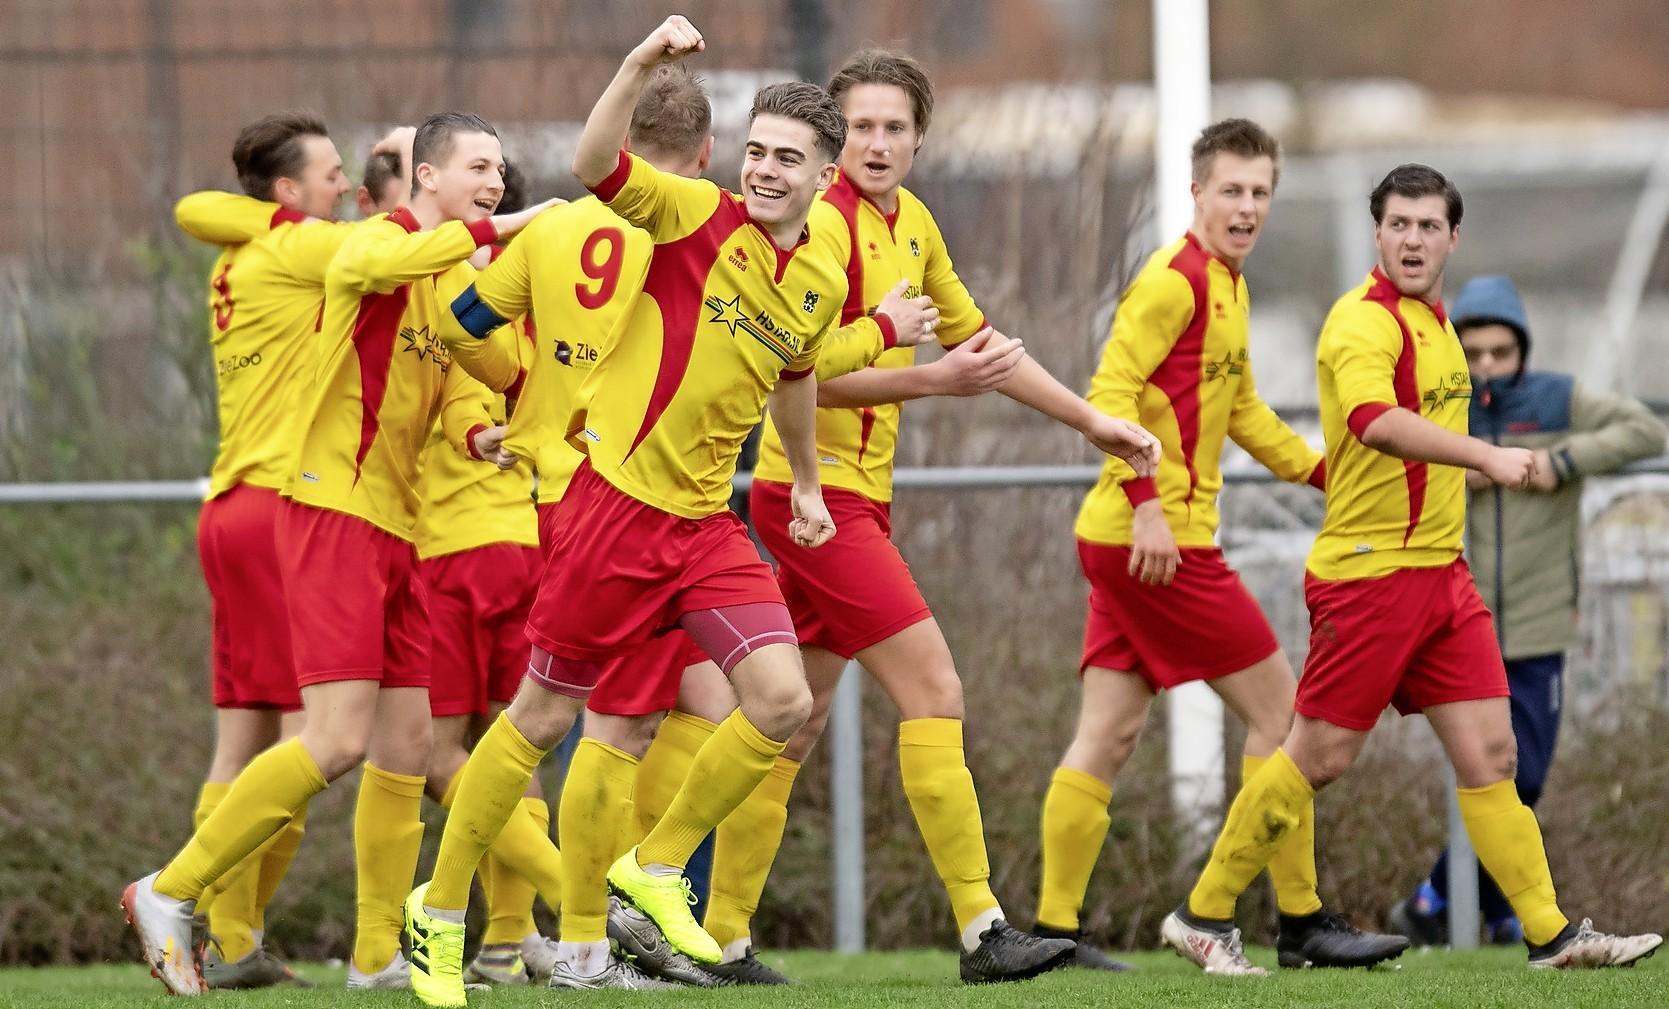 Voetbalclubs Valken'68, TAVV en SJC (za) gaan voor stap omhoog. 'We denken een reële kans te maken op goedkeuring van de wens'